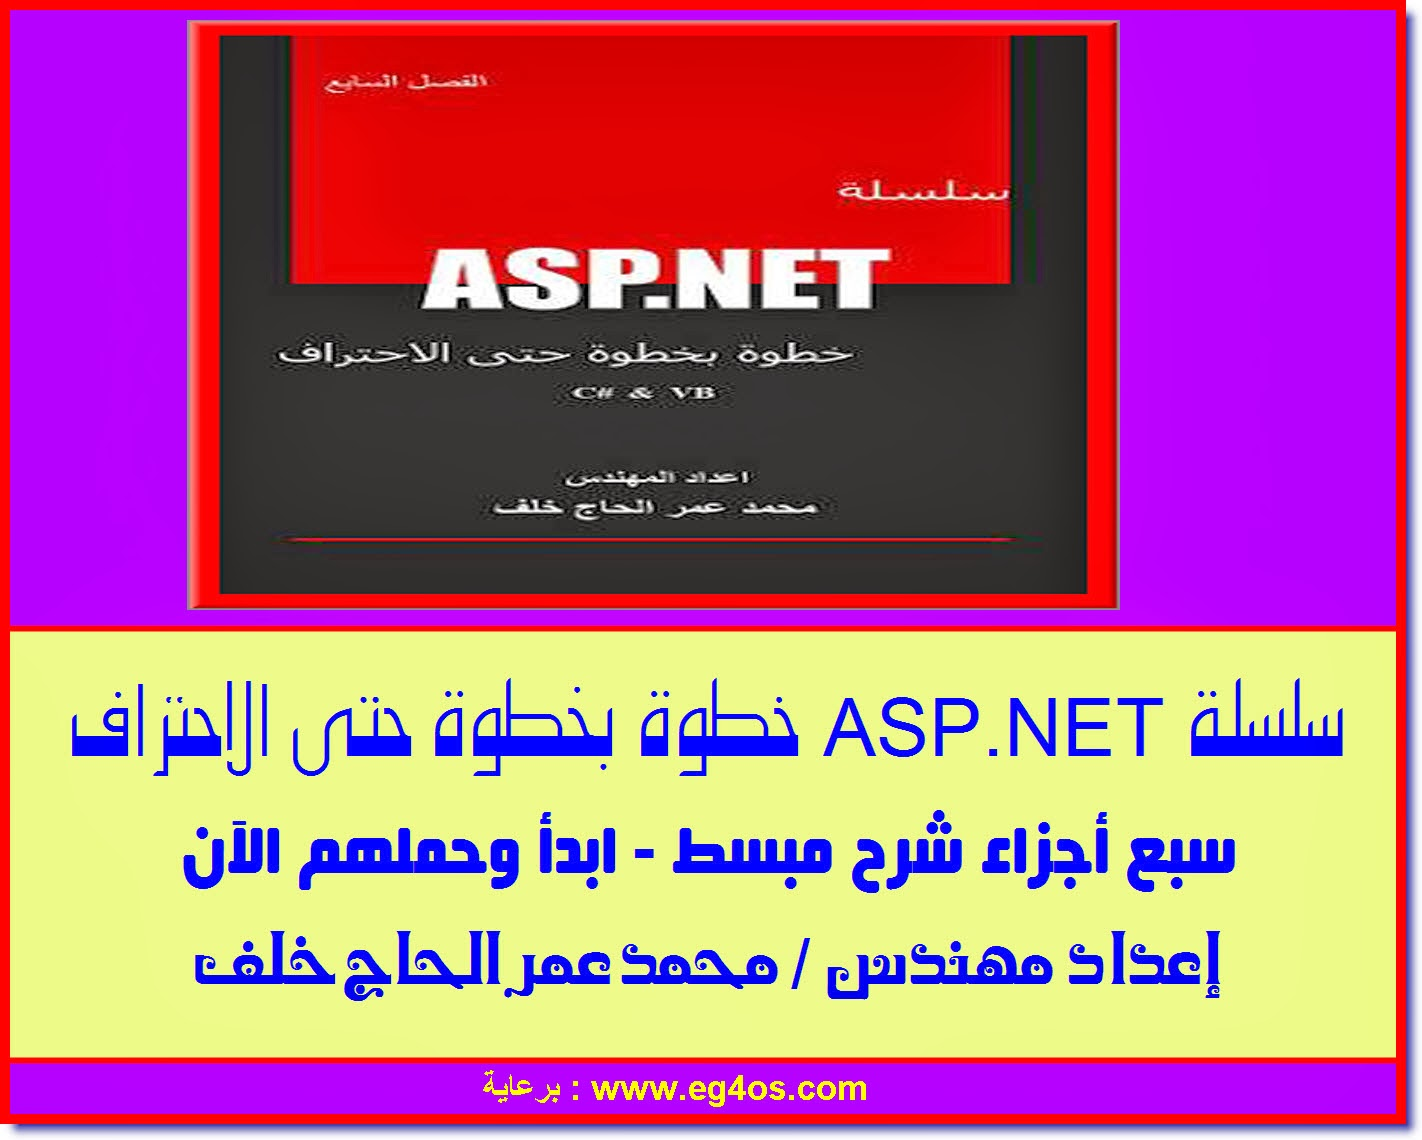 حصريا مجانا كورس برمجة المواقع بASP.NET عربي سبع أجزاء كامل